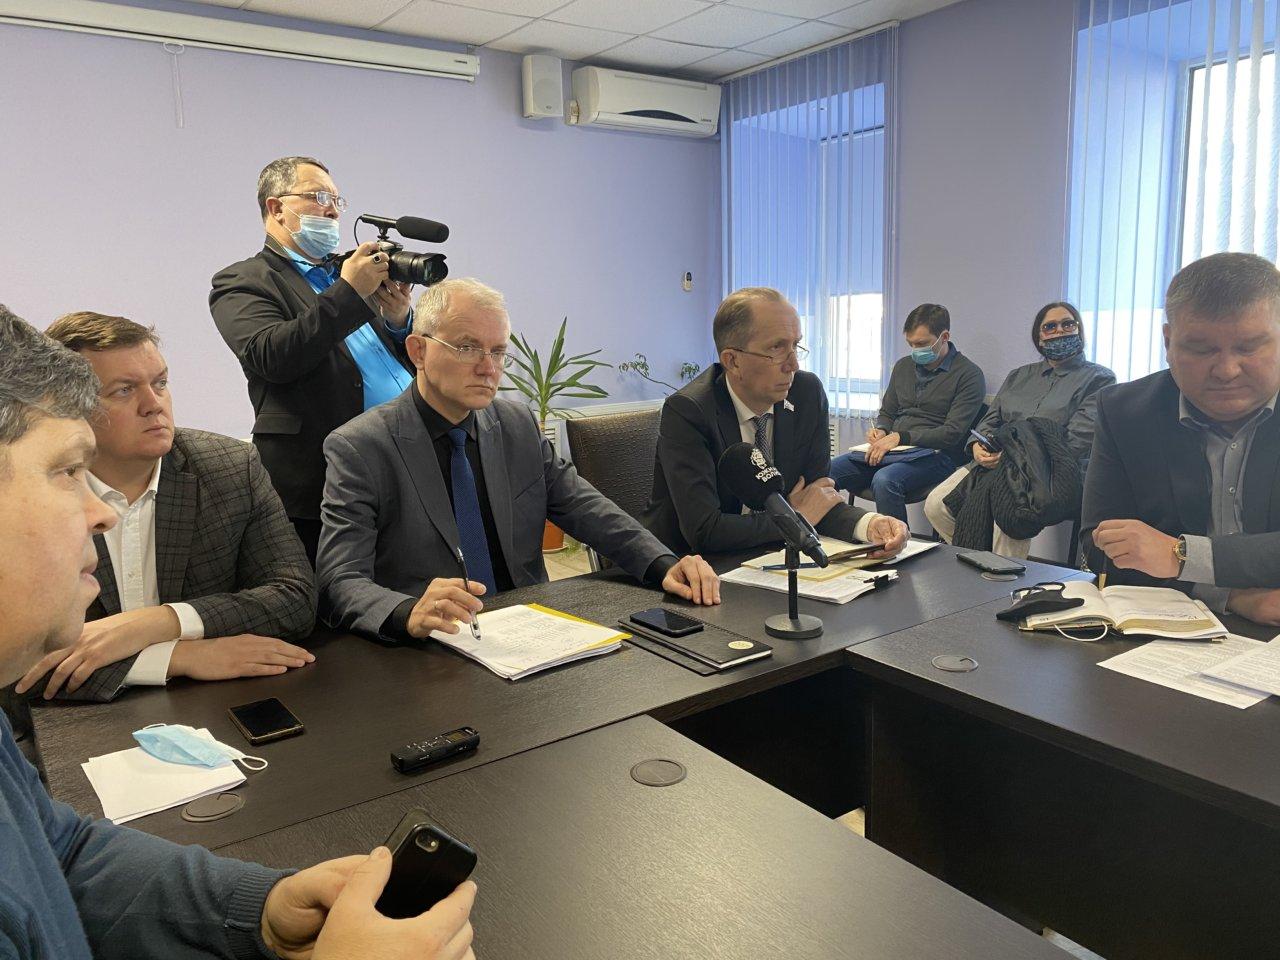 Олег Шеин рассказал об угрозе выселения трети жителей Астрахани